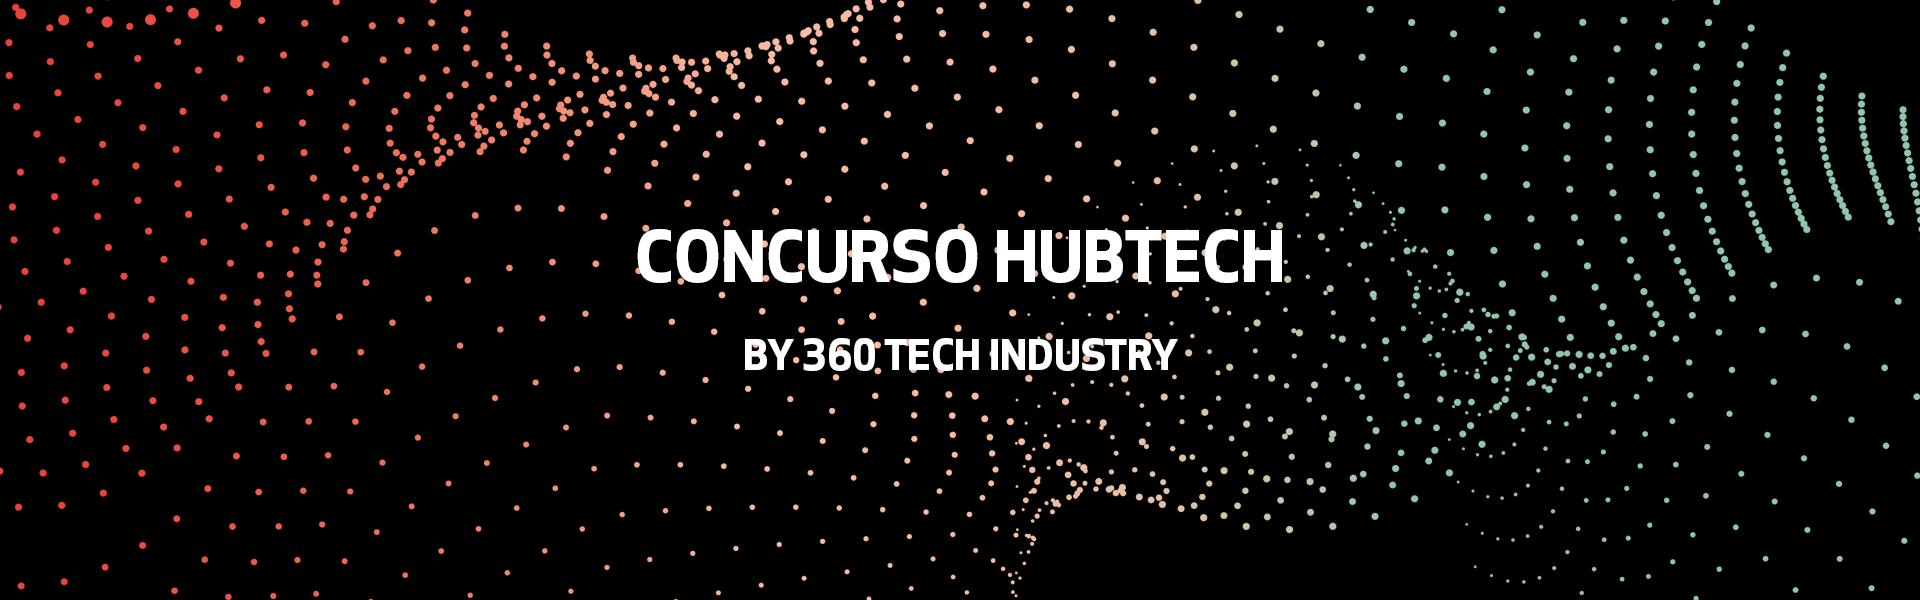 Concurso Hubtech